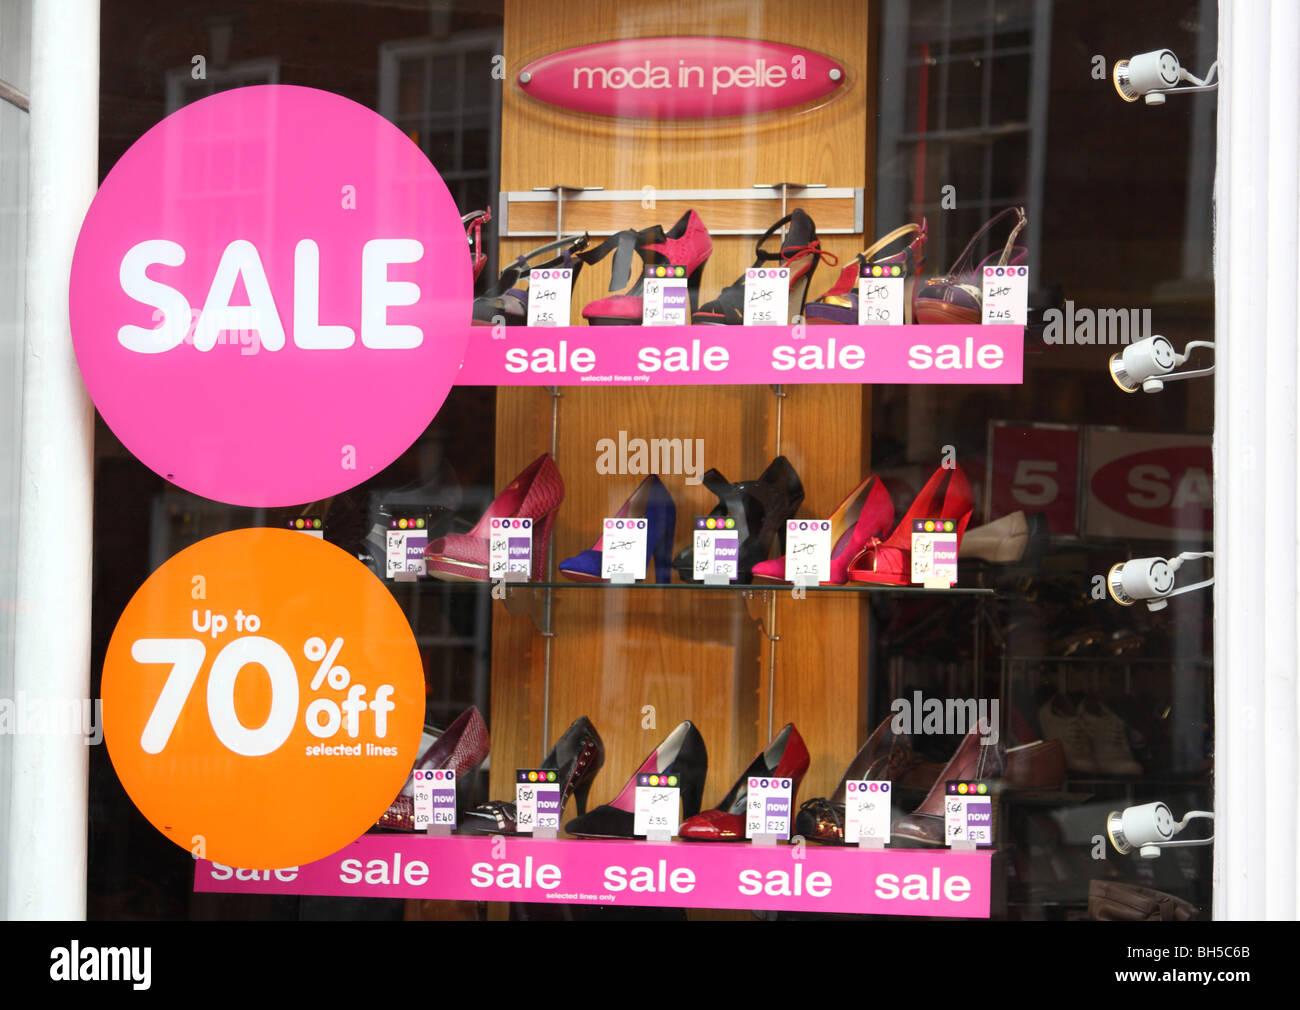 Un escaparate en una moda en Pelle almacenar en una ciudad del Reino Unido. Imagen De Stock